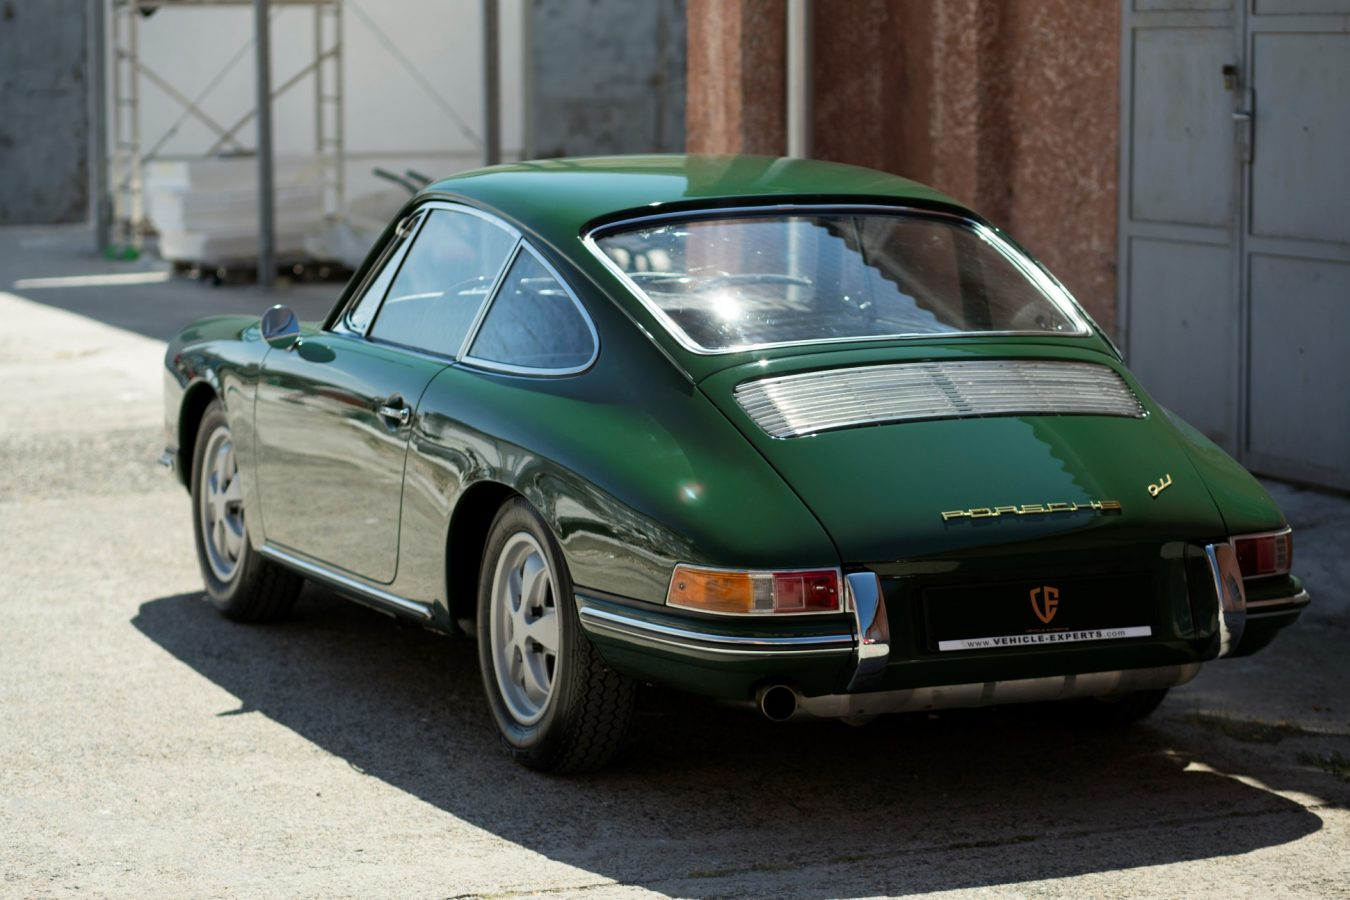 Porsche 911 SWB in Grün von hinten